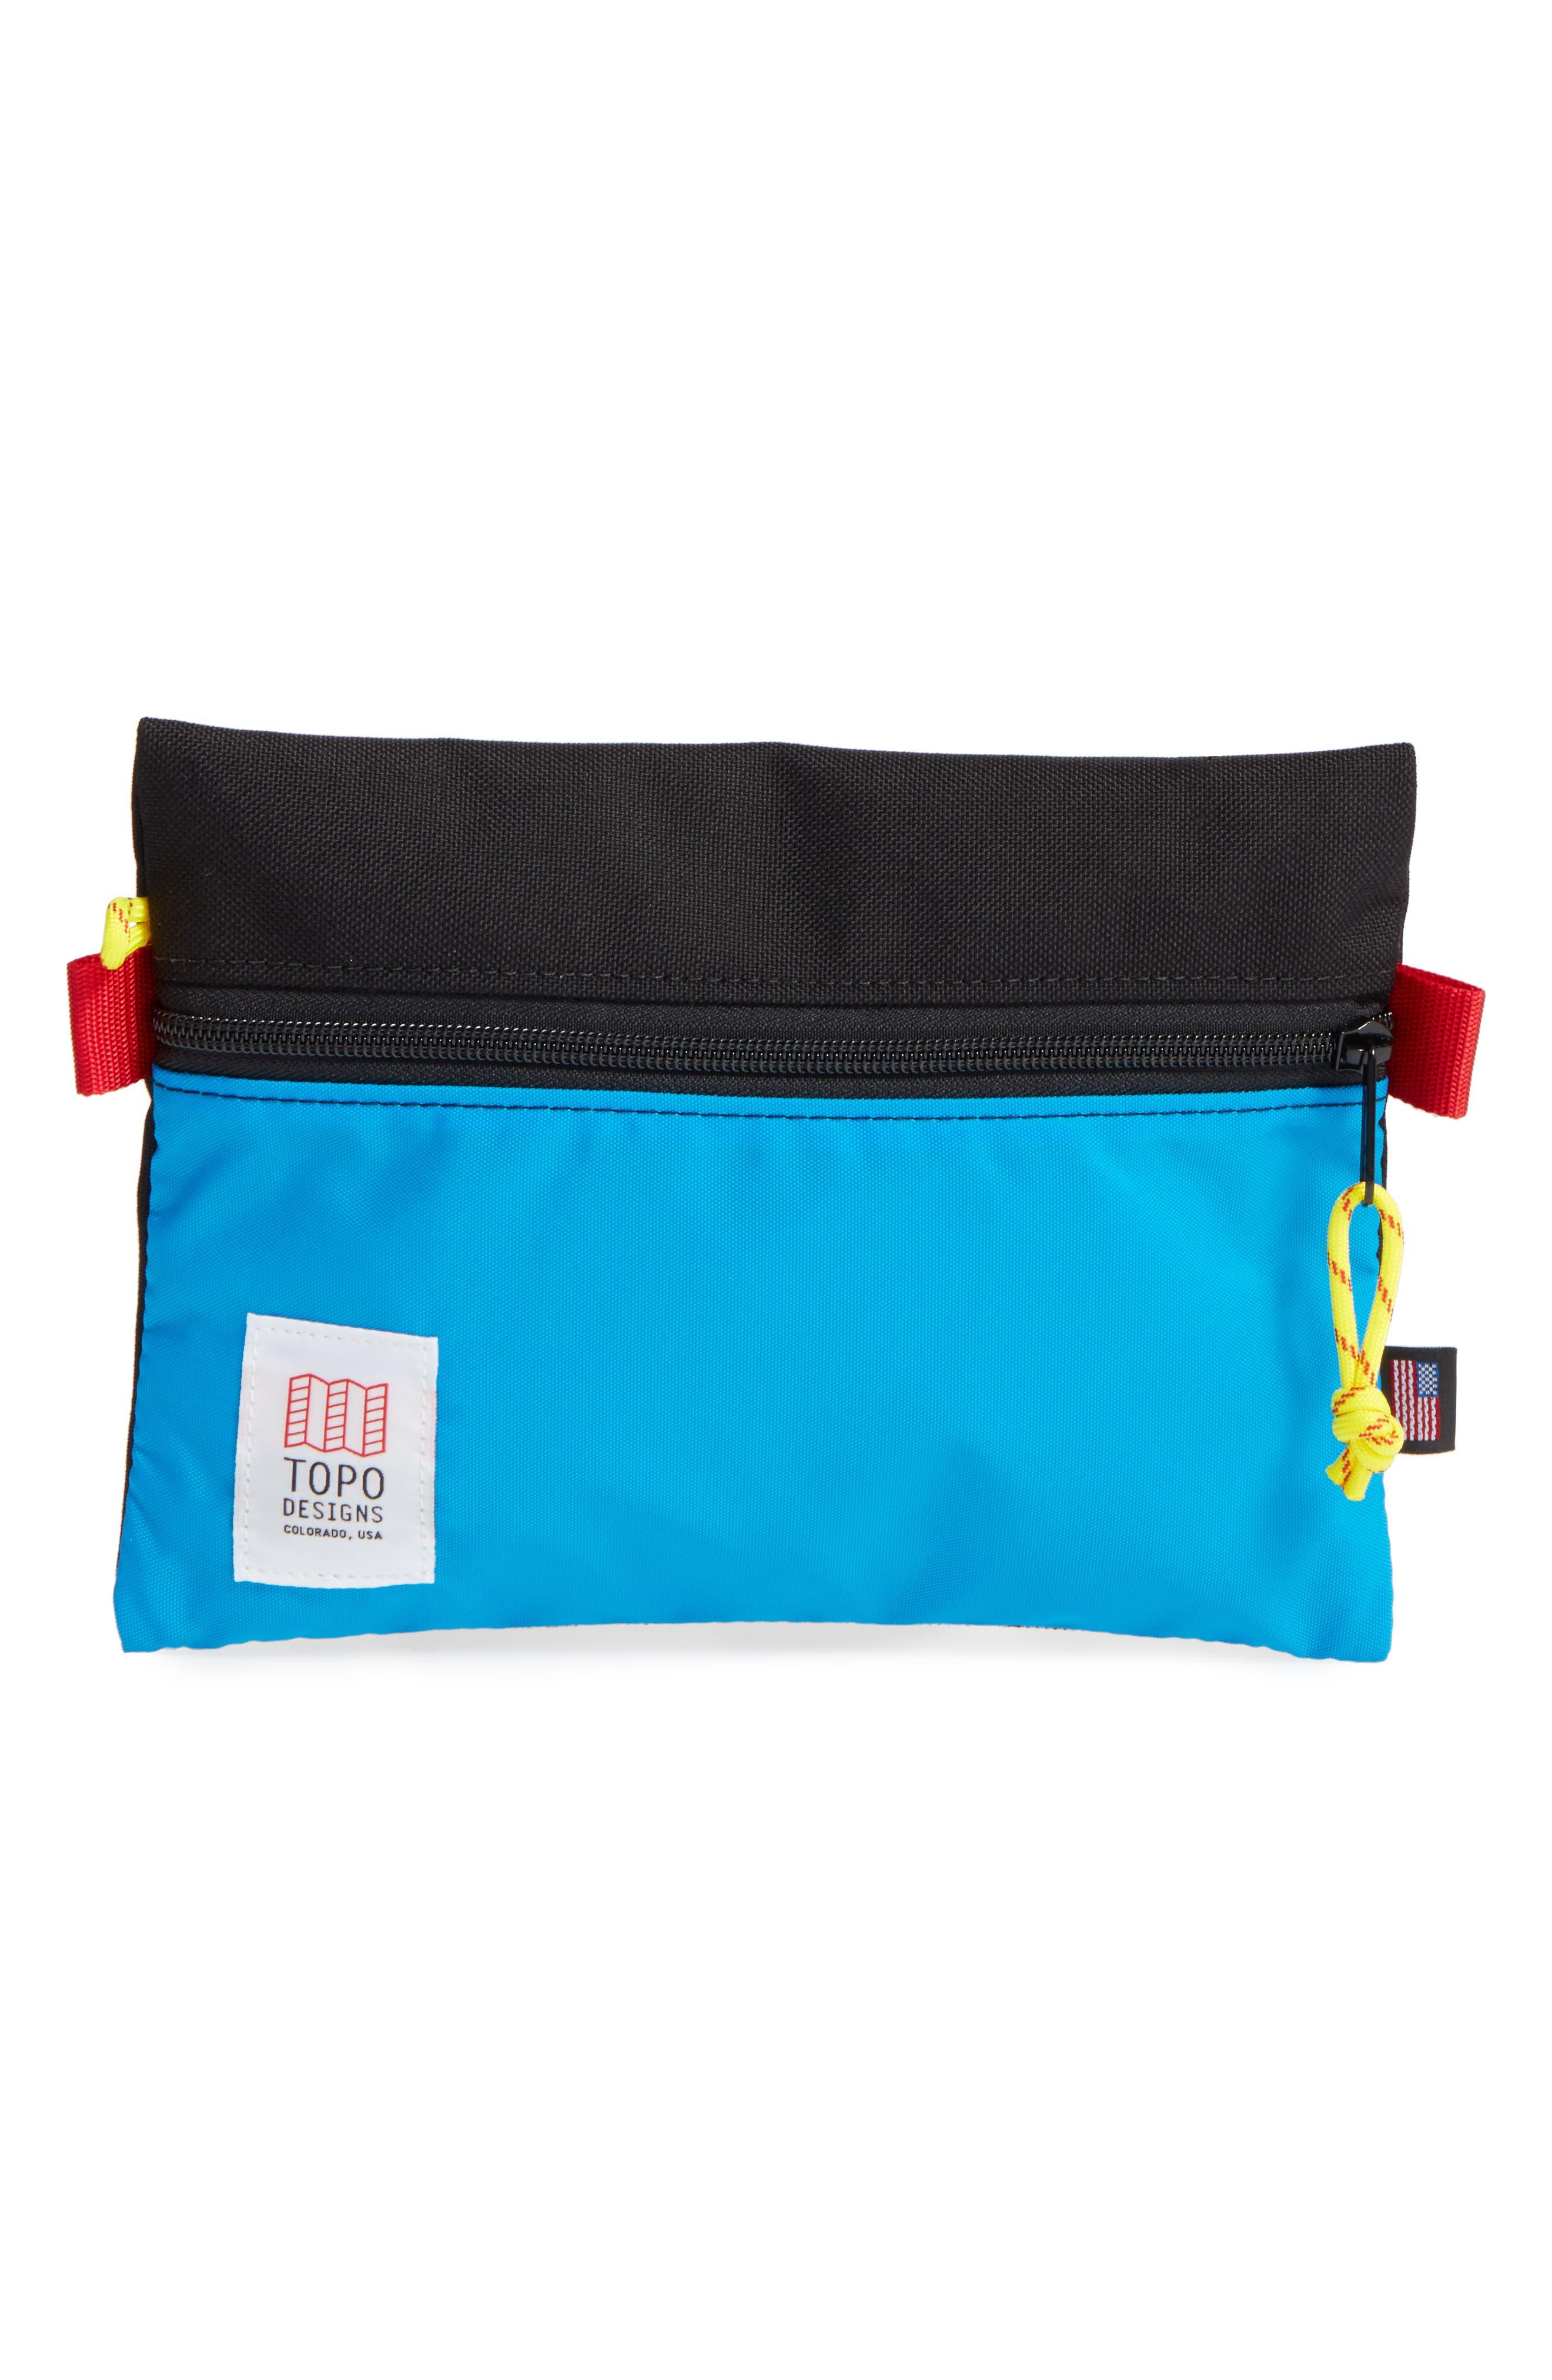 TopoDesigns Accessory Bag,                             Main thumbnail 1, color,                             Black/ Royal